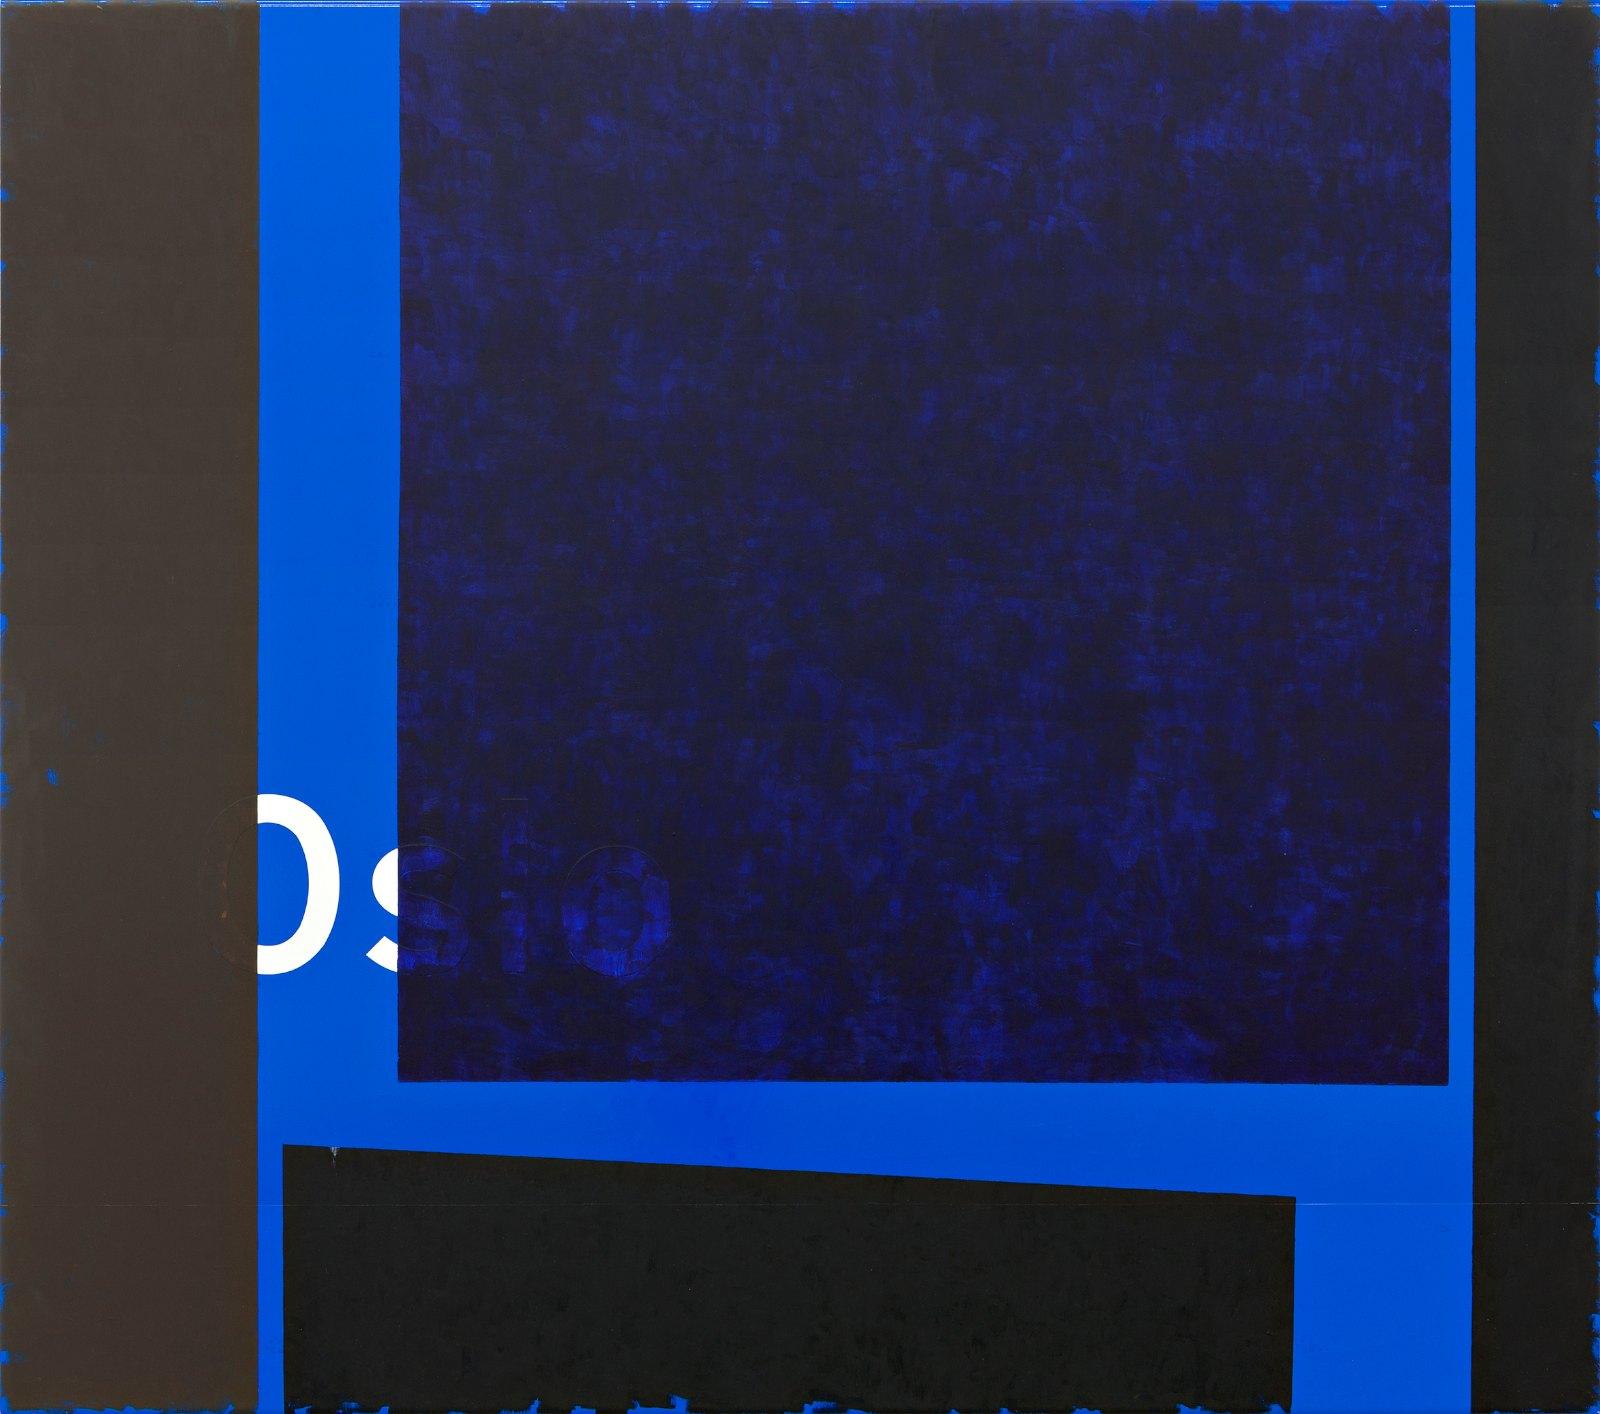 Oslo # 4, 2013, vinyl and acrylic on aluminum, 145 x 161 x 3,5 cm